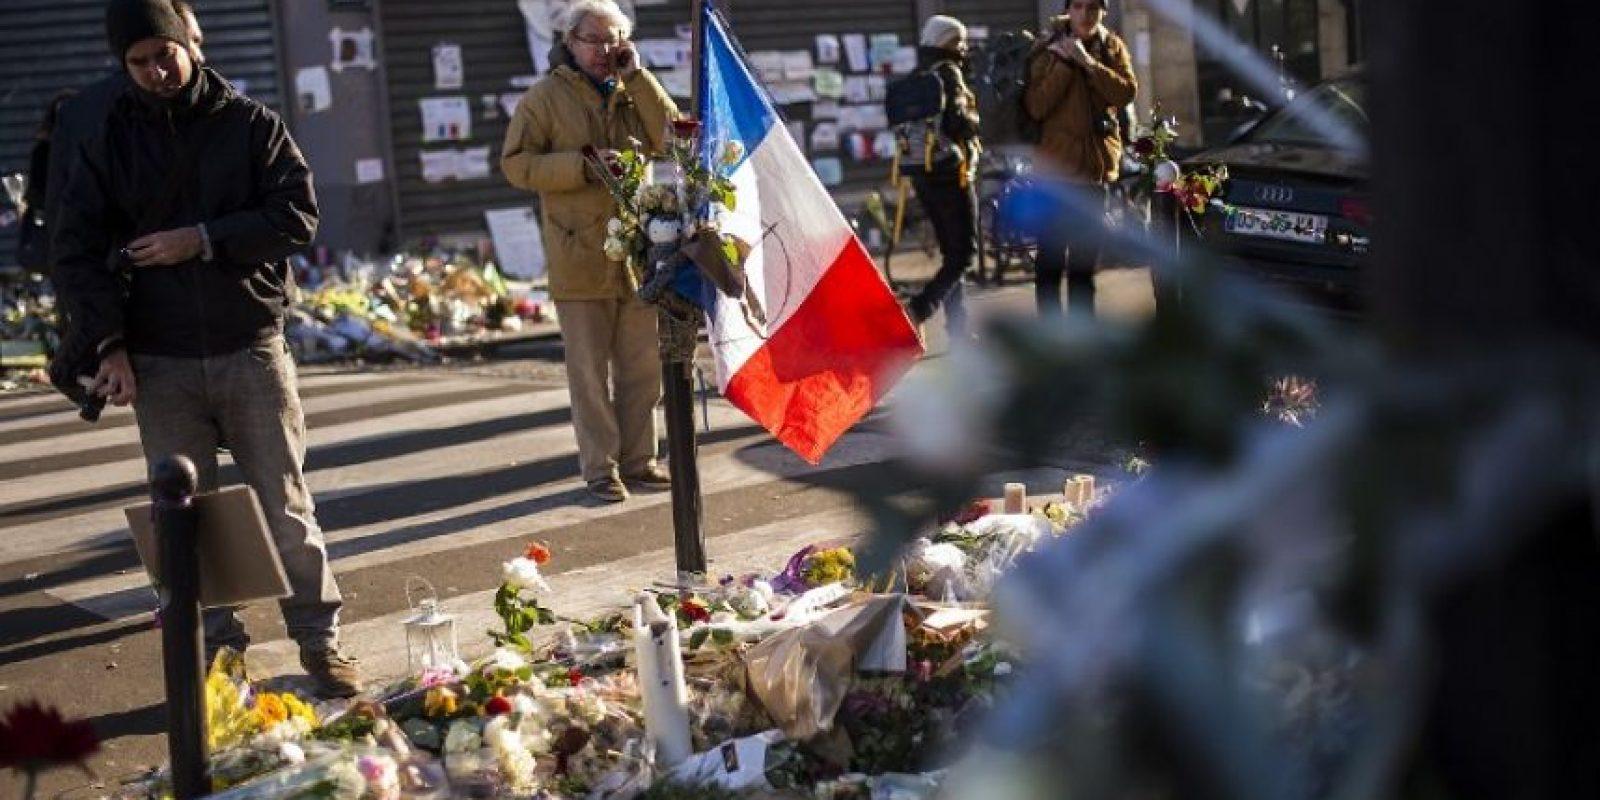 Desde los atentados en París el pasado 13 de noviembre los ataques contra musulmanes han aumentado señalaron autoridades. Foto:AFP